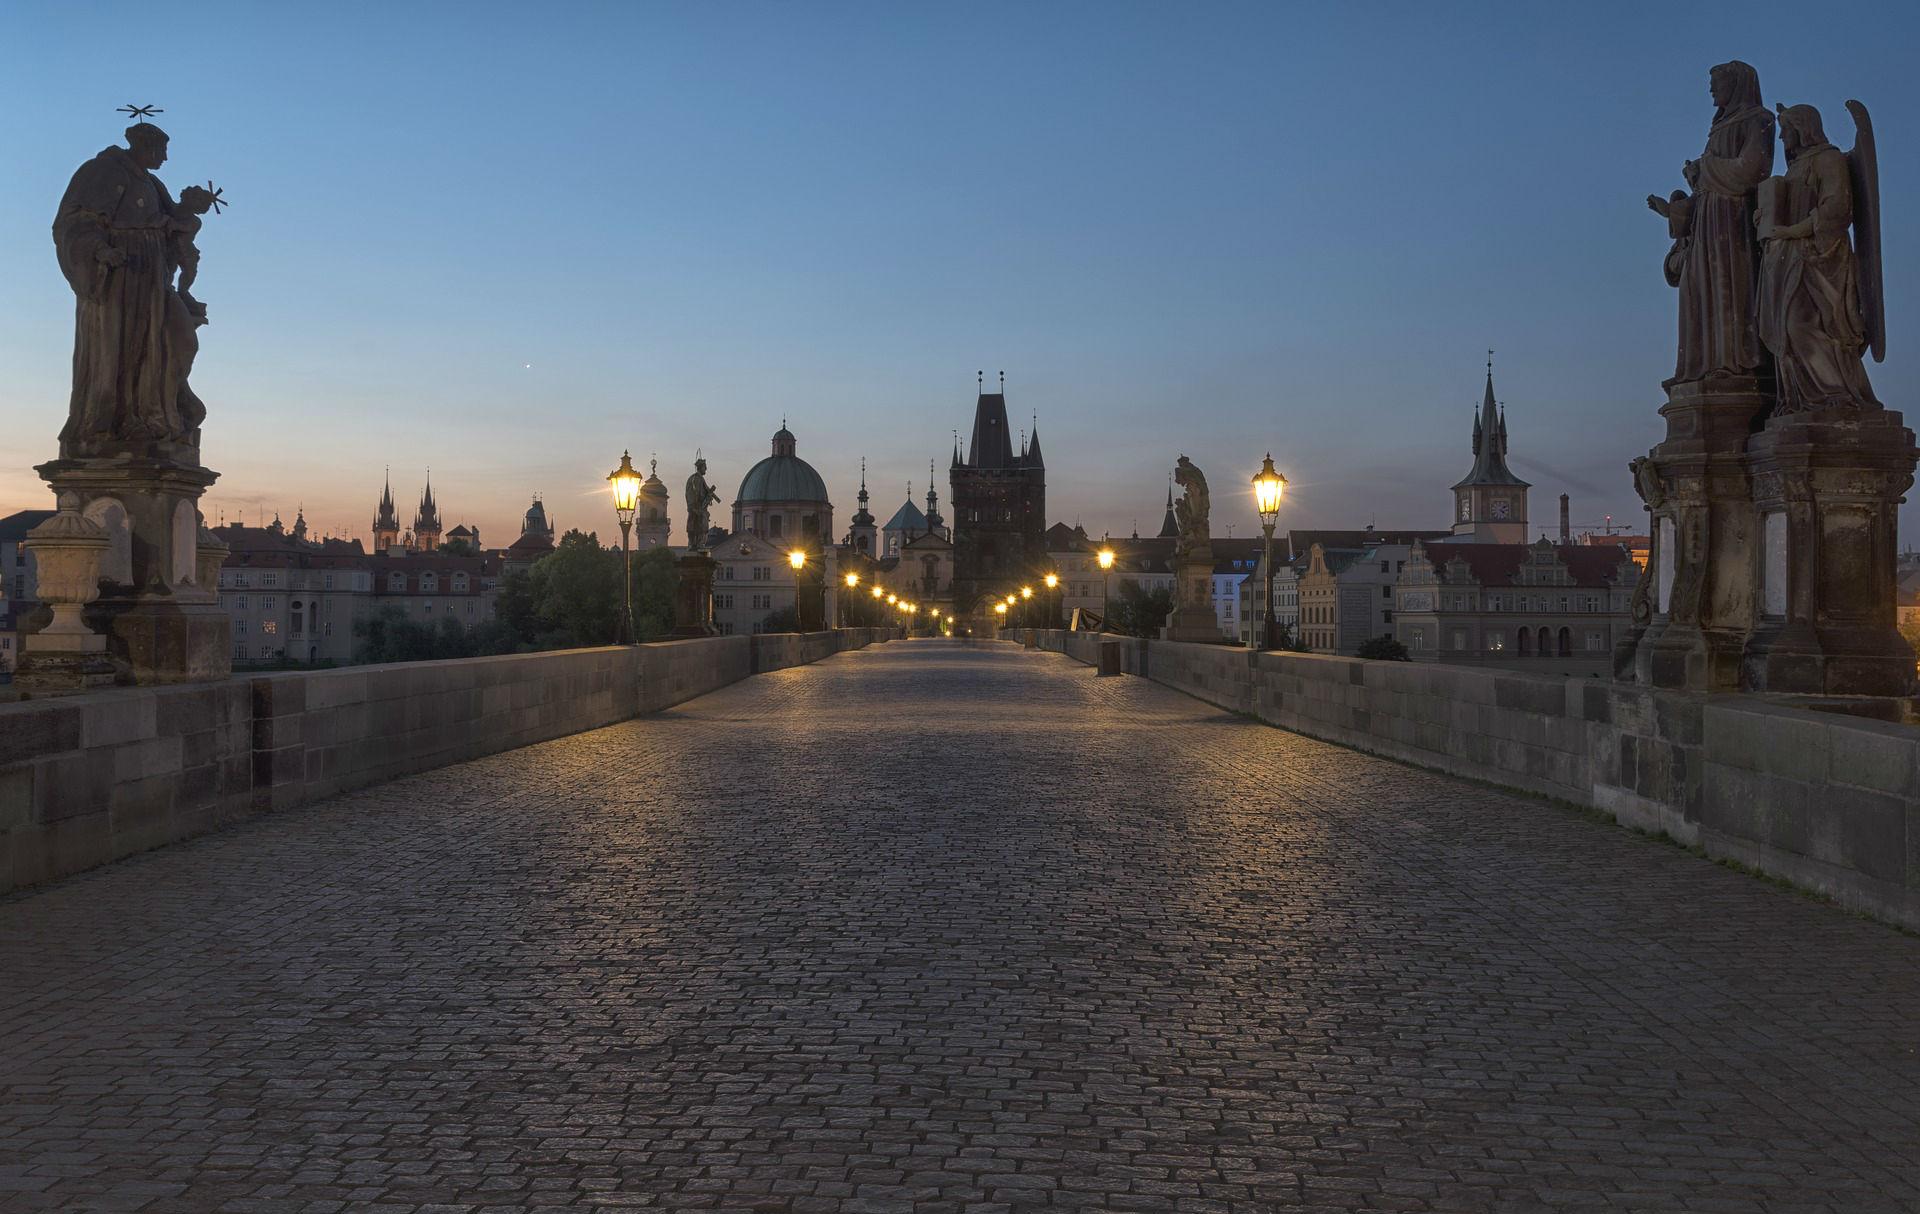 Bei einem Spaziergang auf der Karlsbrücke die wunderschöne Aussicht genießen